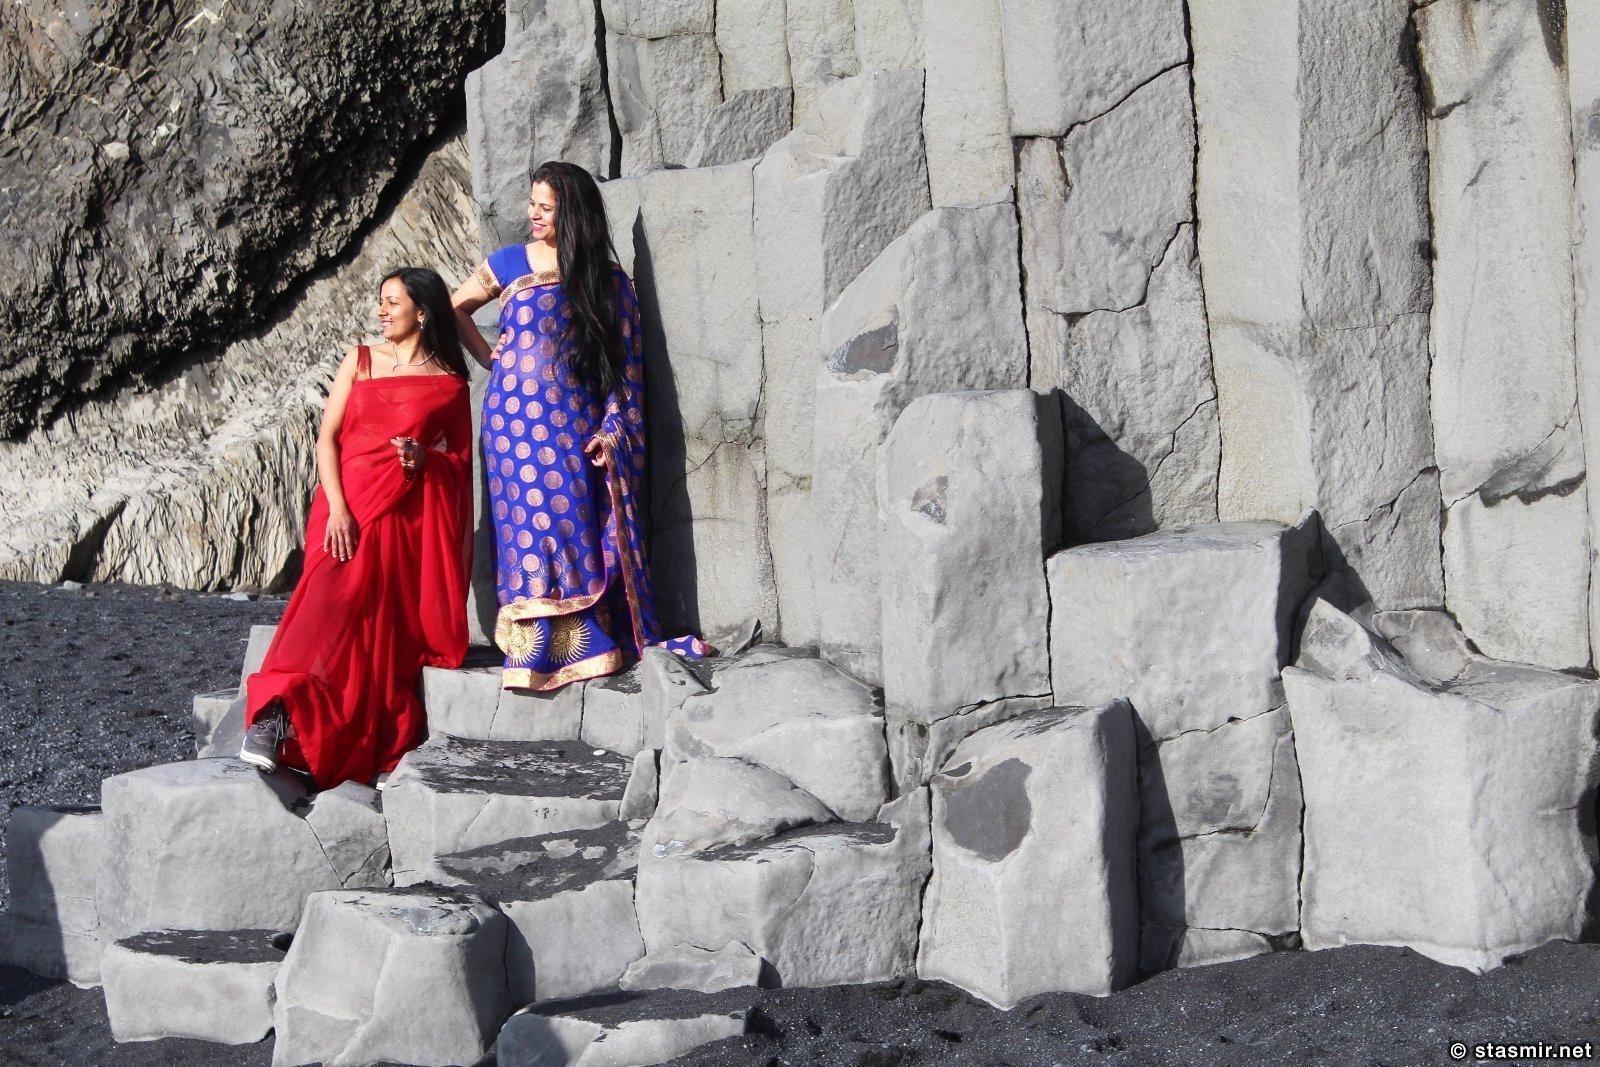 Сари часто можно увидеть на Рейнисфйауре - как и другую этническую одежду, фото Стасмир, photo Stasmir